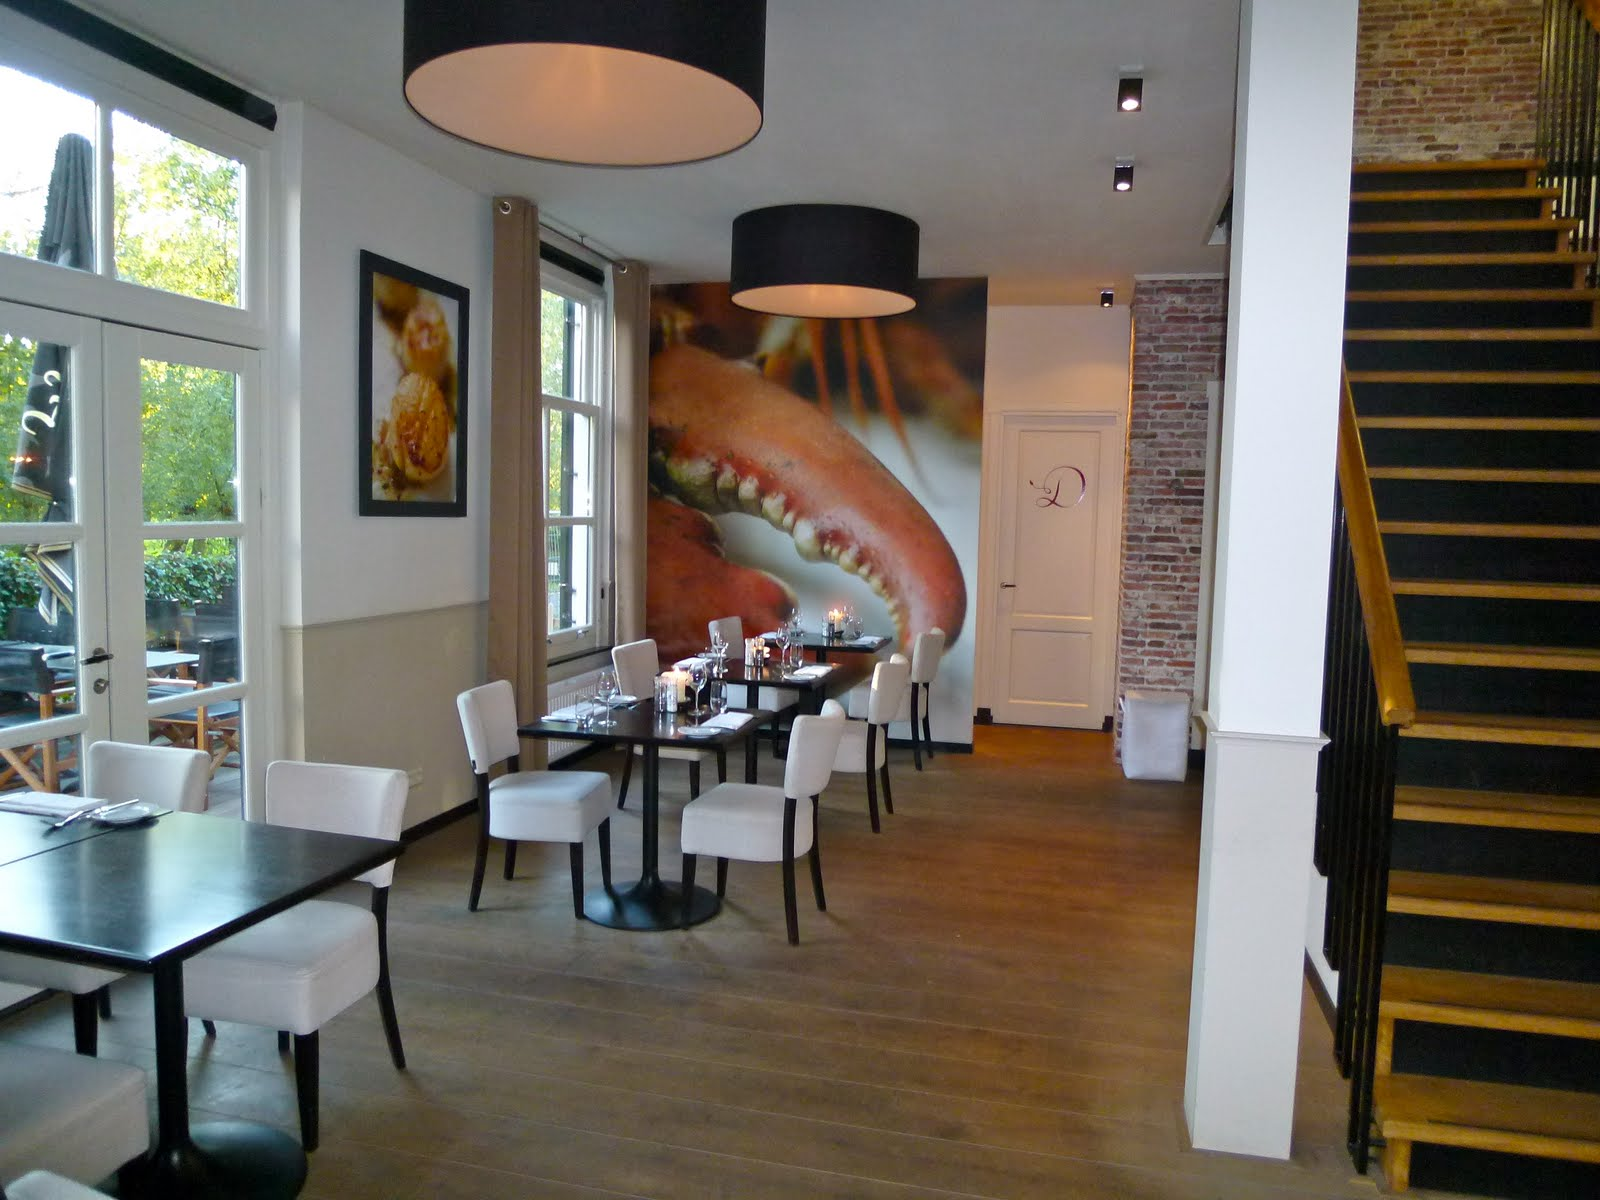 Restaurantrecensies van carla restaurantbelevingen de roode leeuw in capelle a d ijssel - Tafel leeuw ...